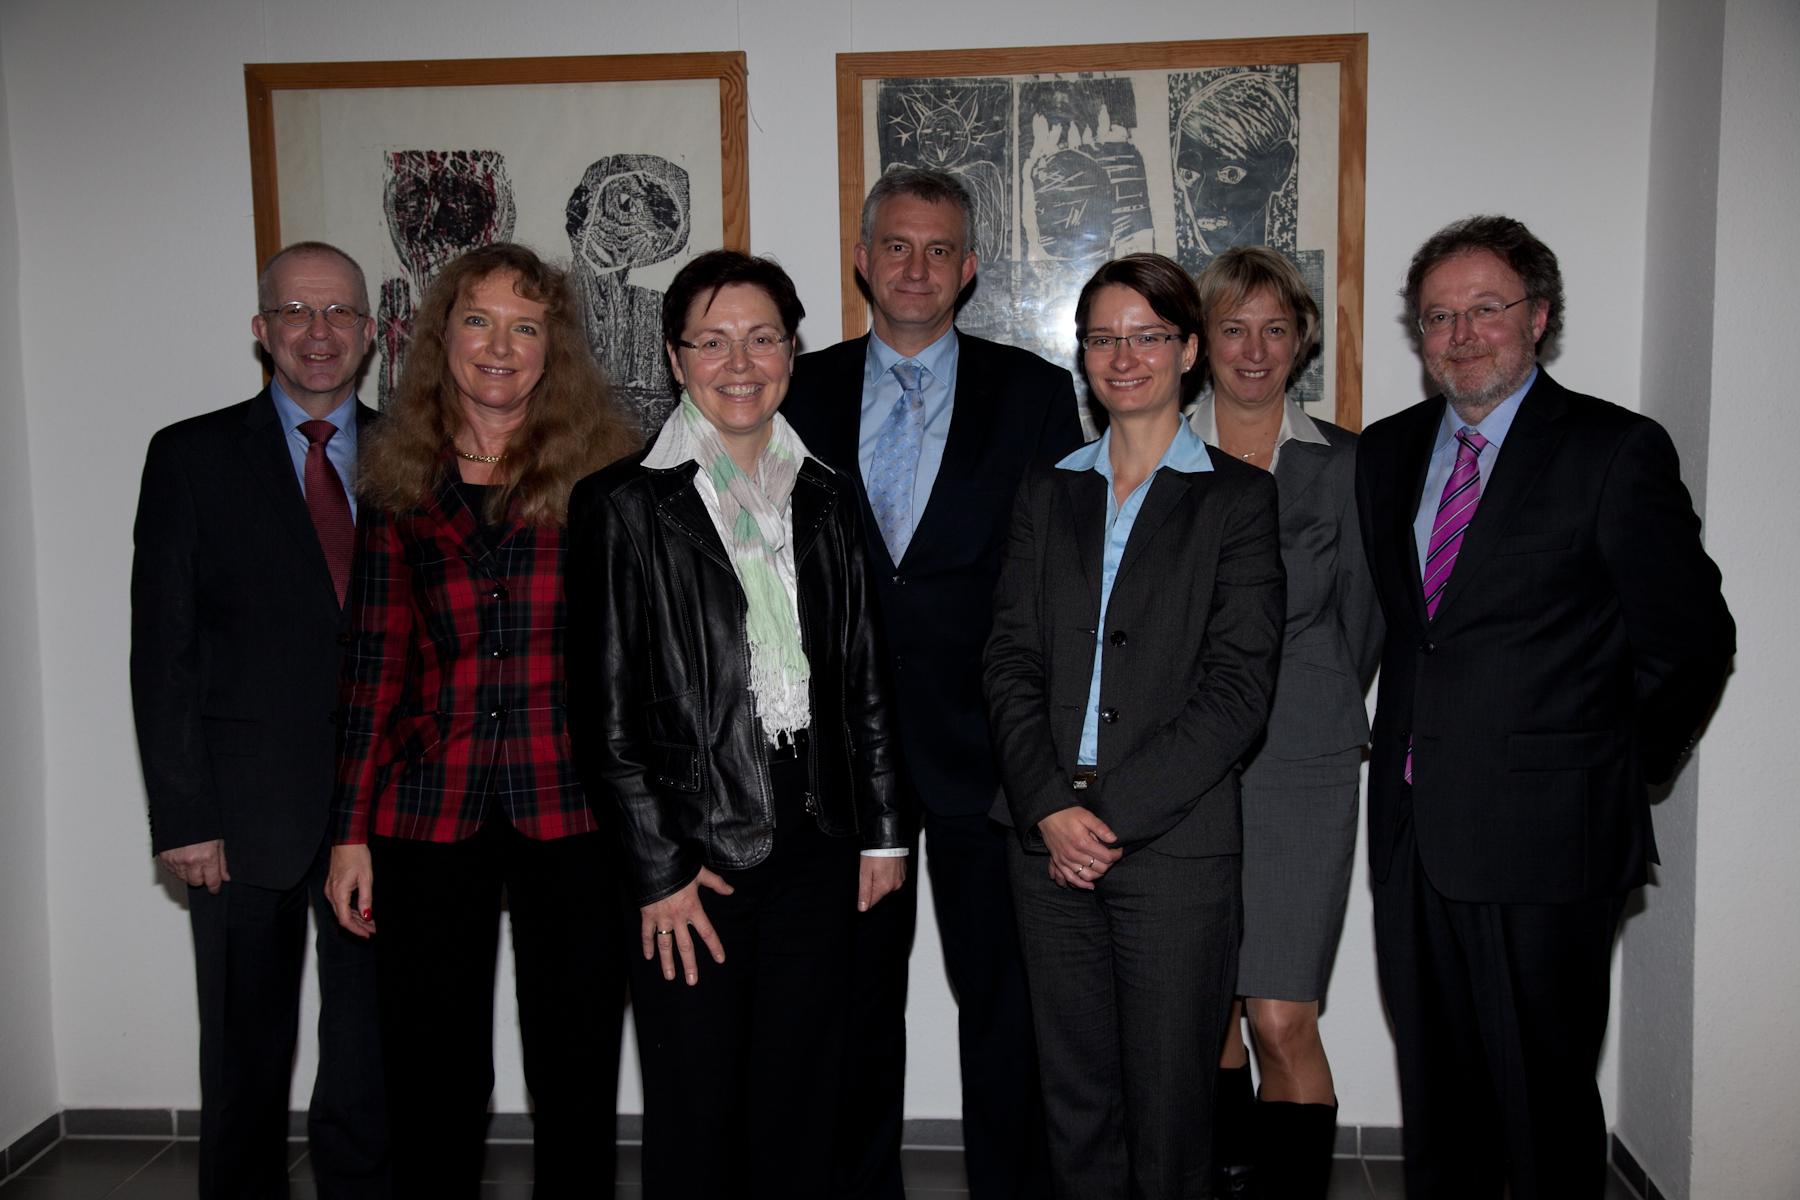 Besuch Gesundheitsministerin Taubert Toskanaworld Gmbh Pressemitteilung Lifepr